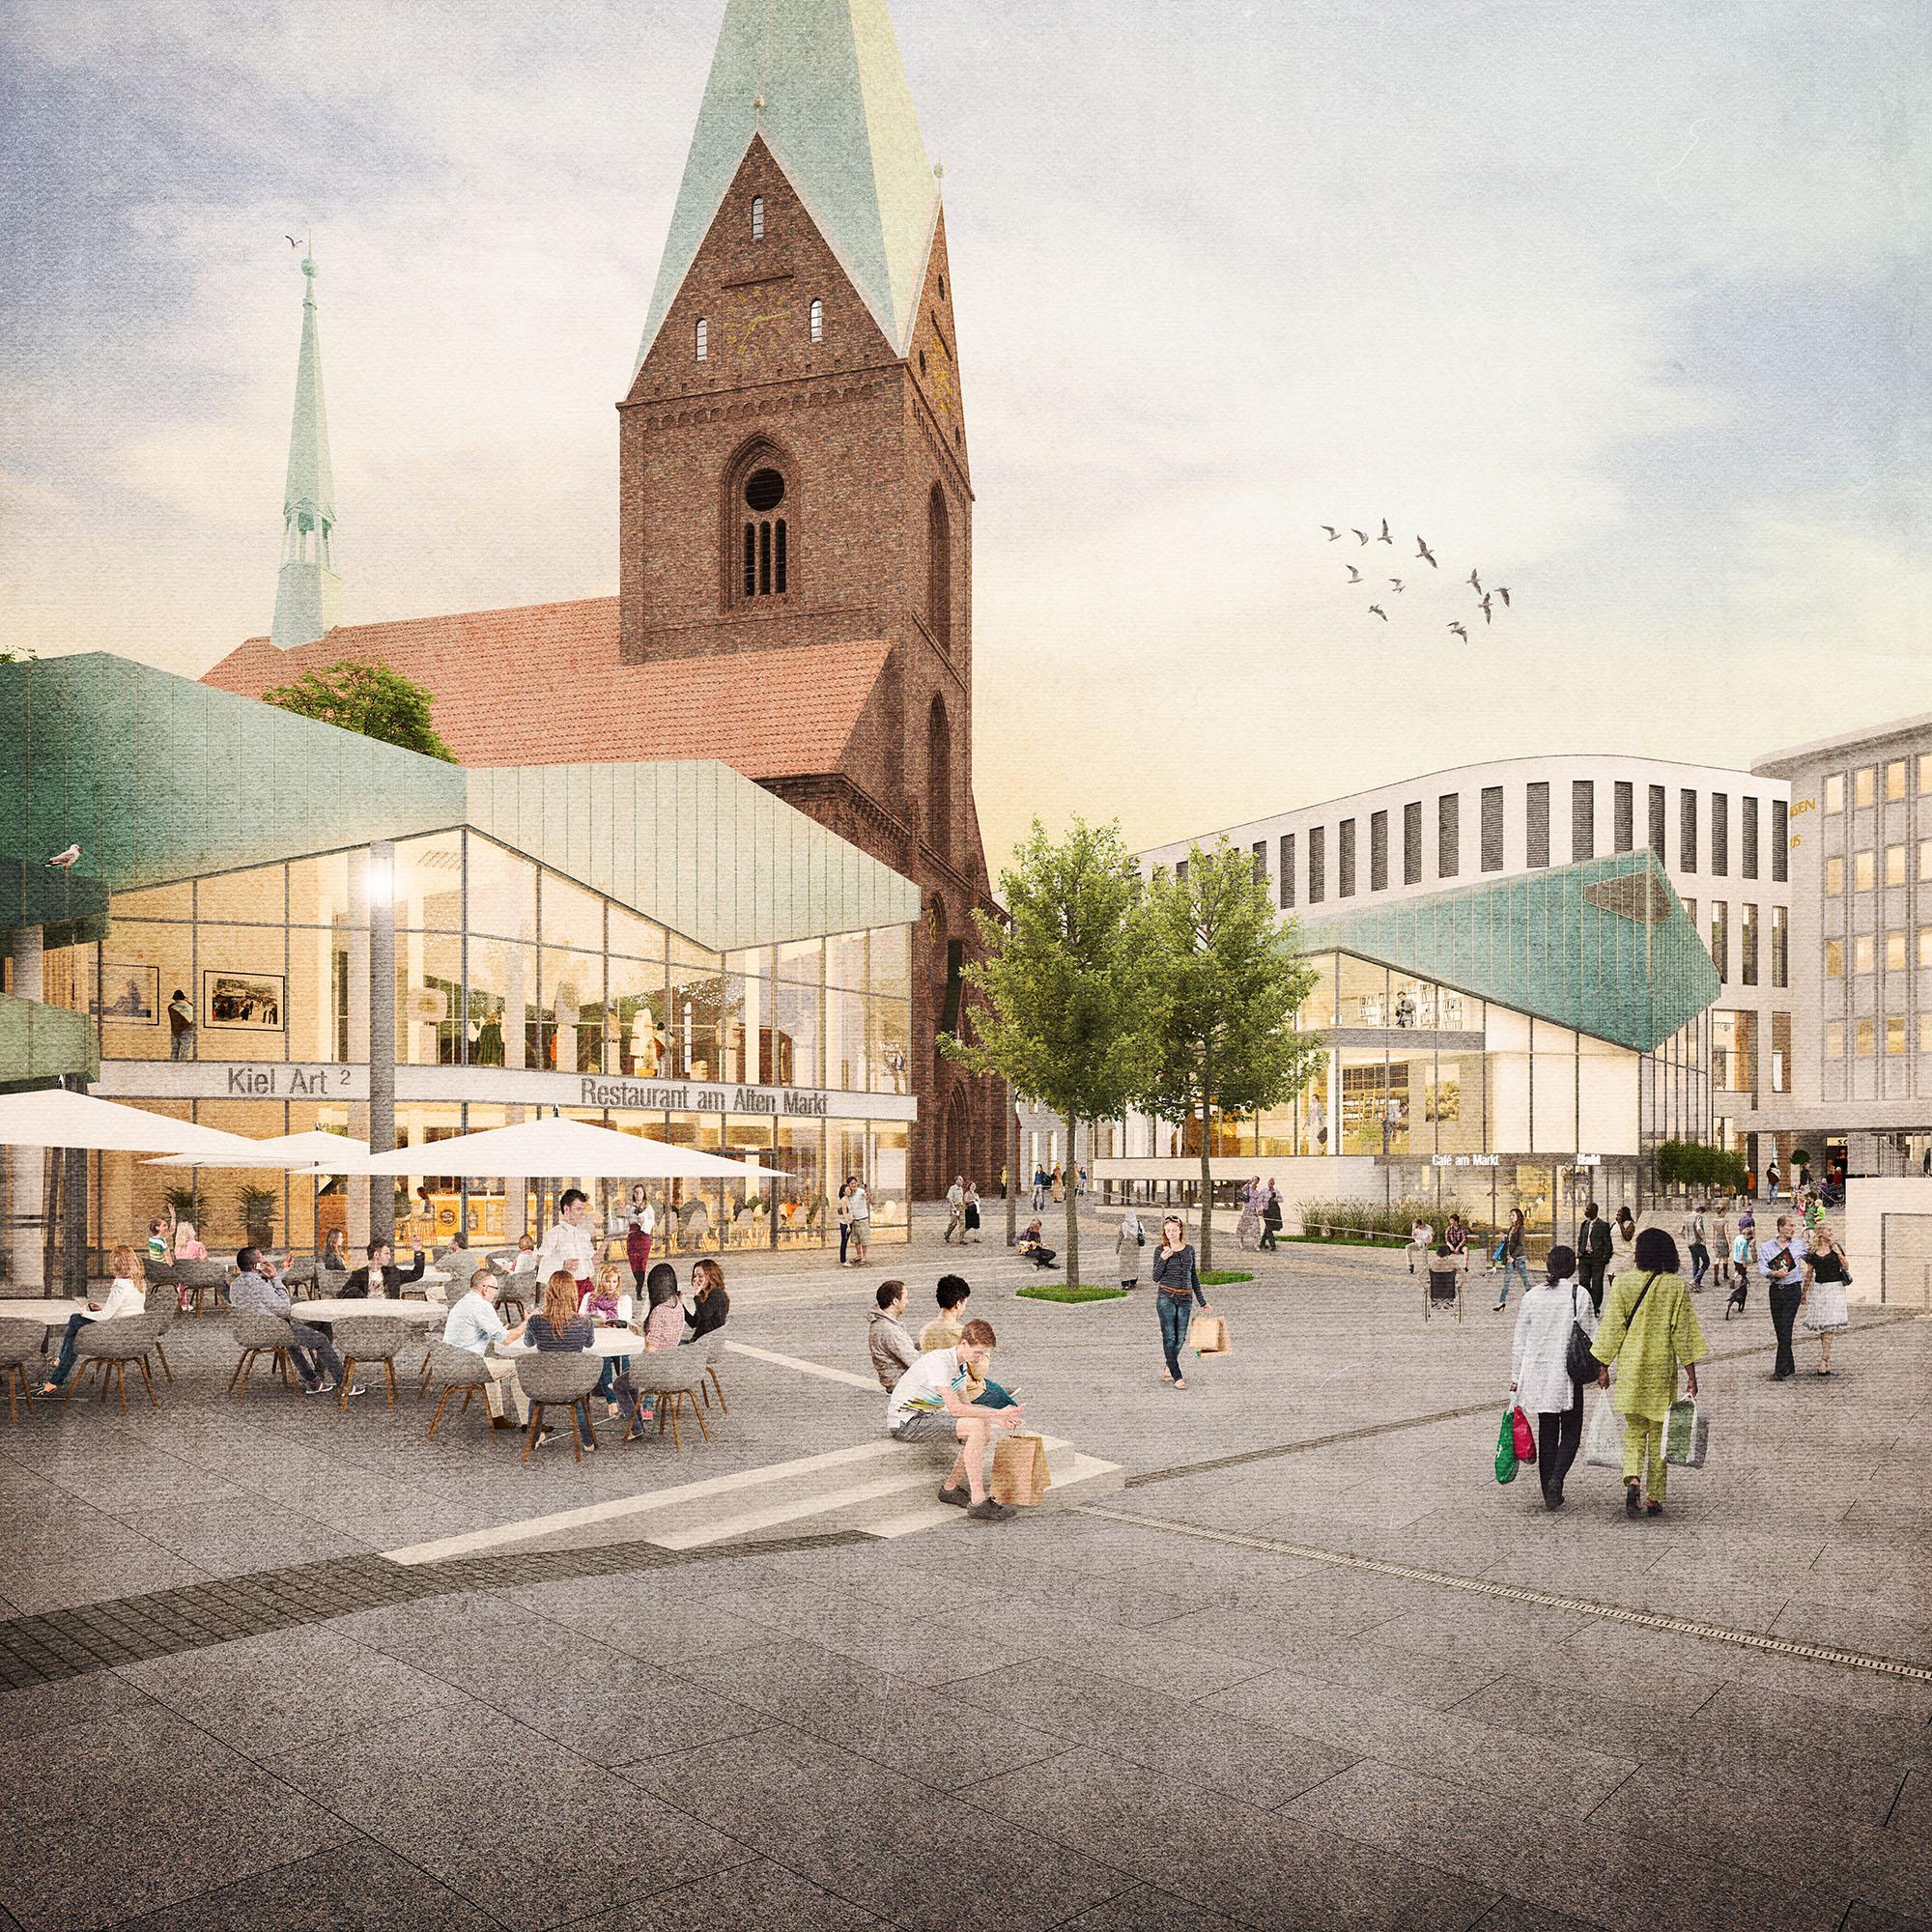 Kiel Alter Markt